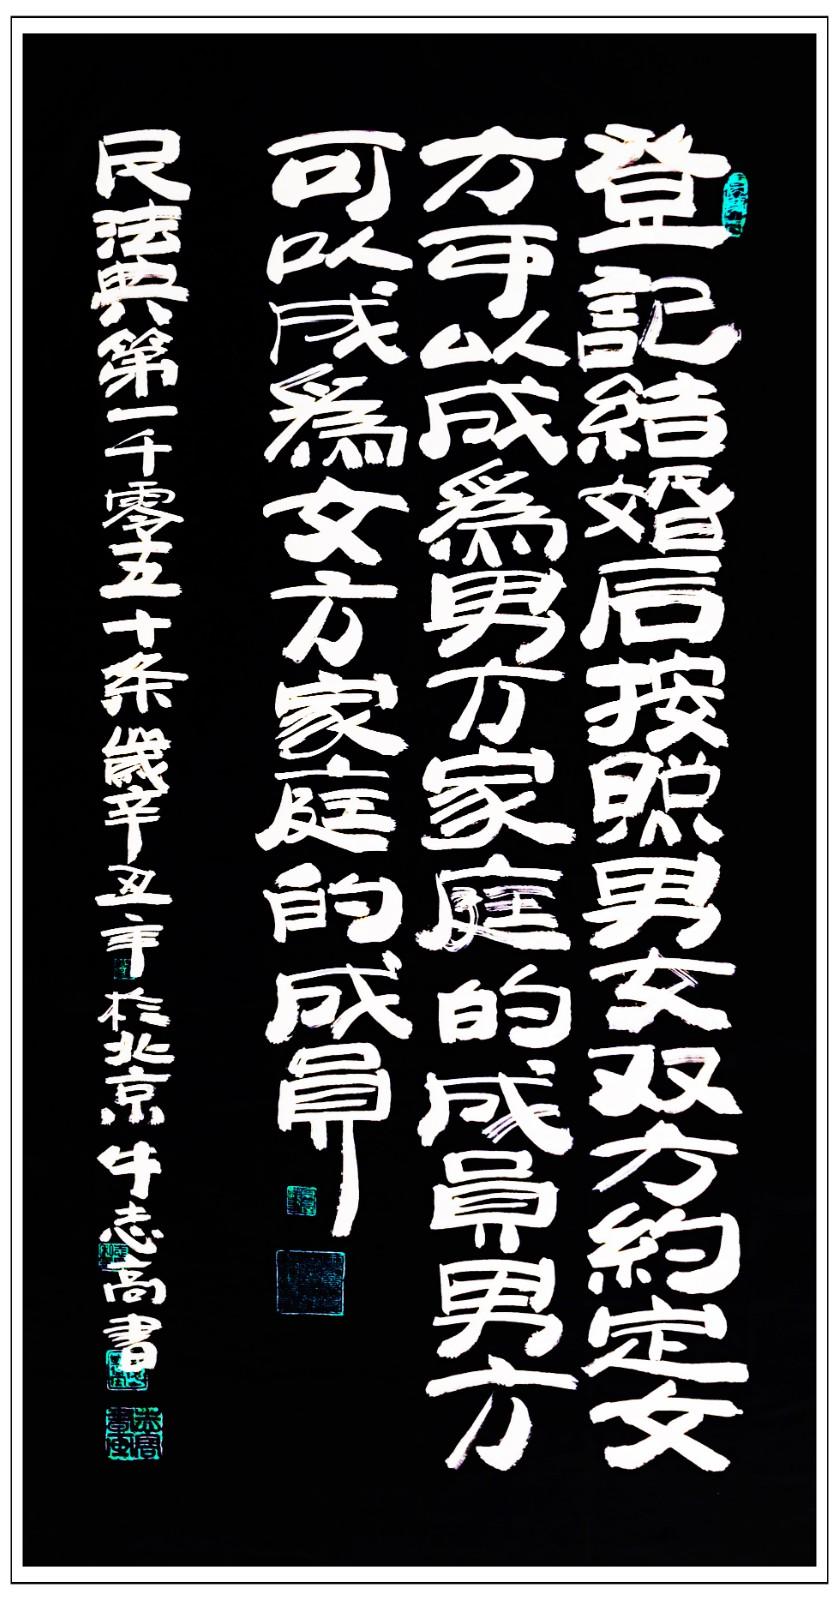 牛志高书法--------2021.03.24_图1-2